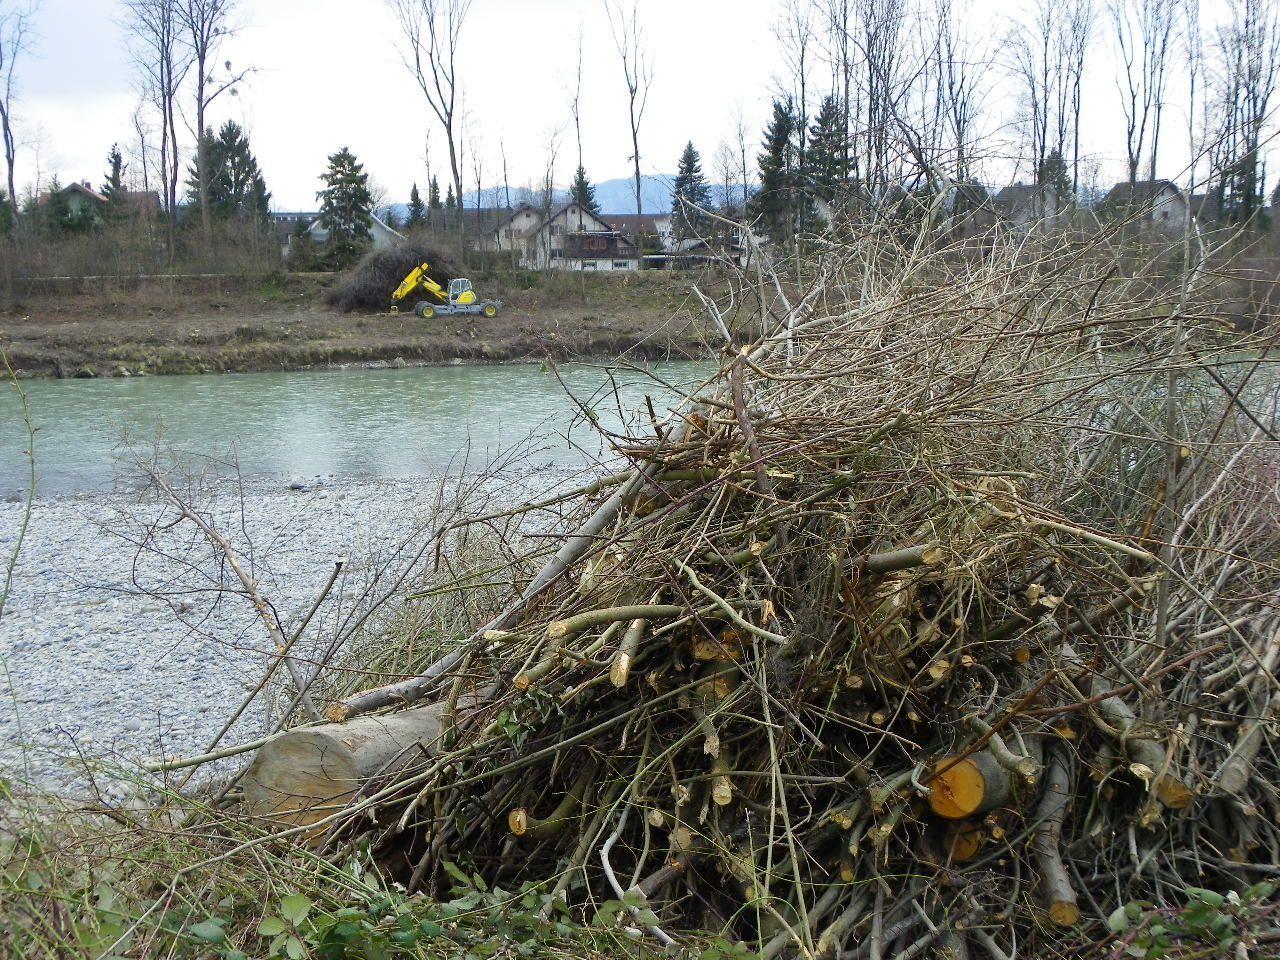 Hochwasserschutz muss gewährleistet werden